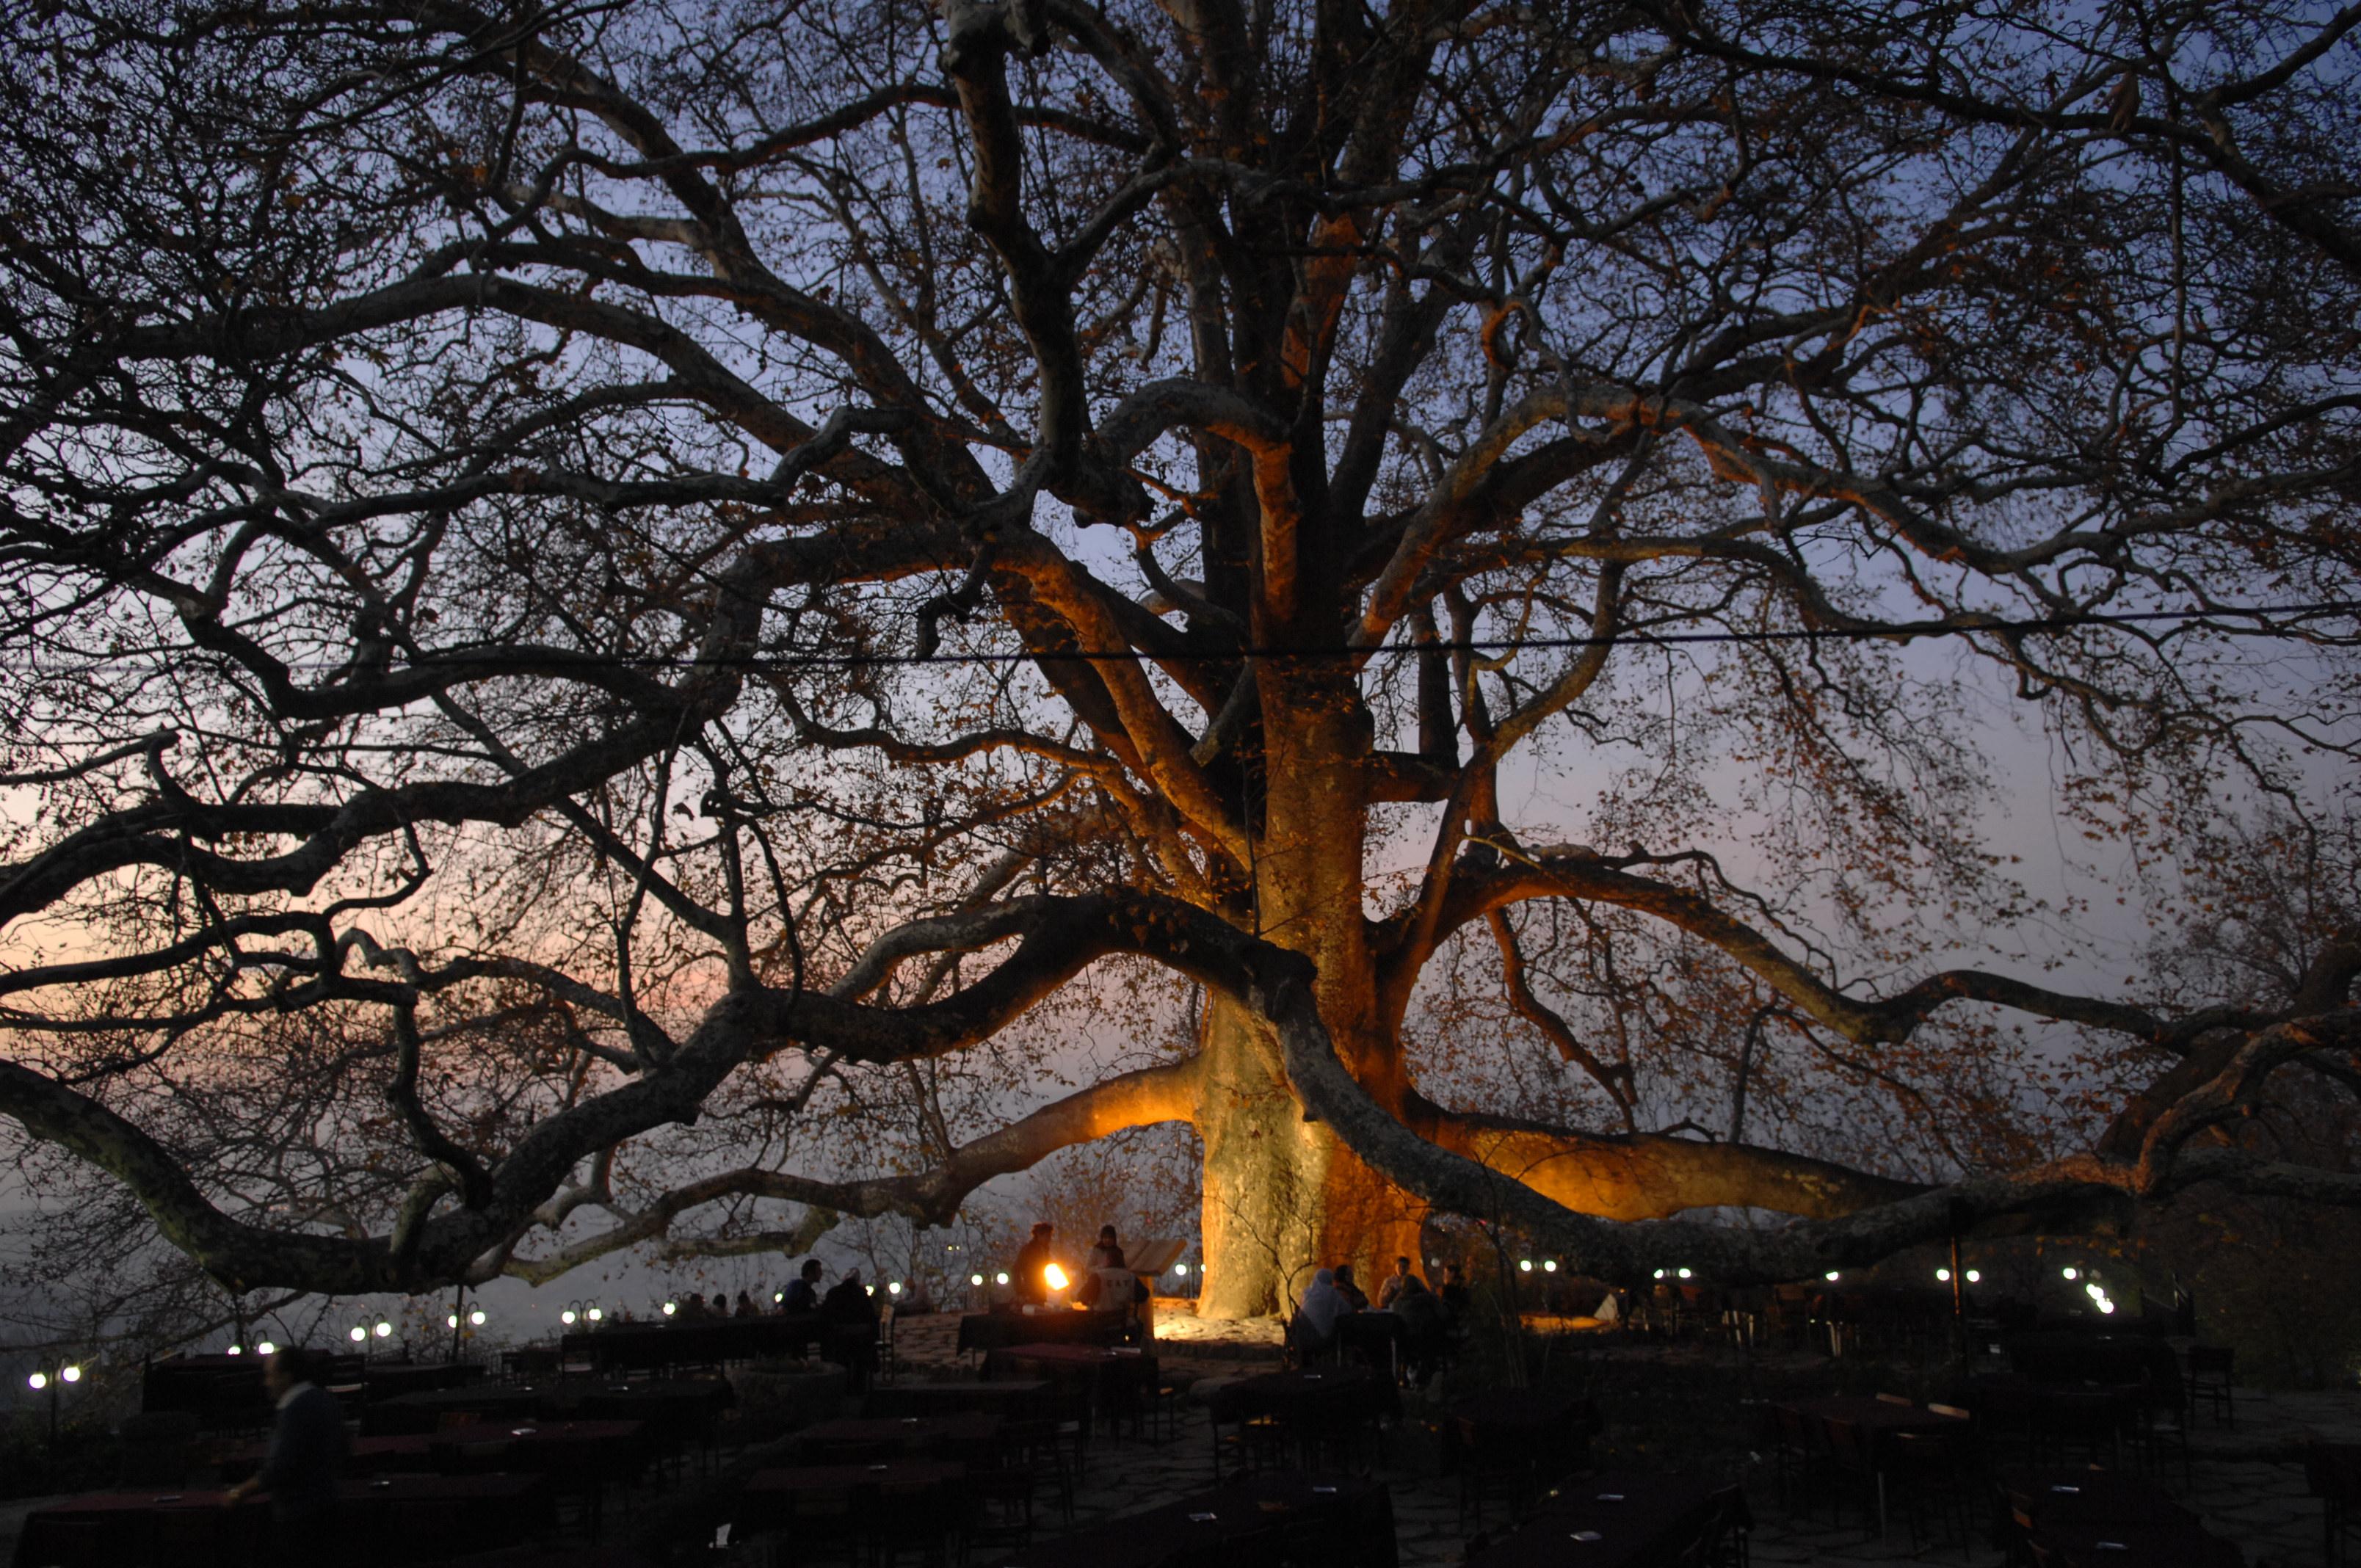 İnkaya Historical Plane Tree